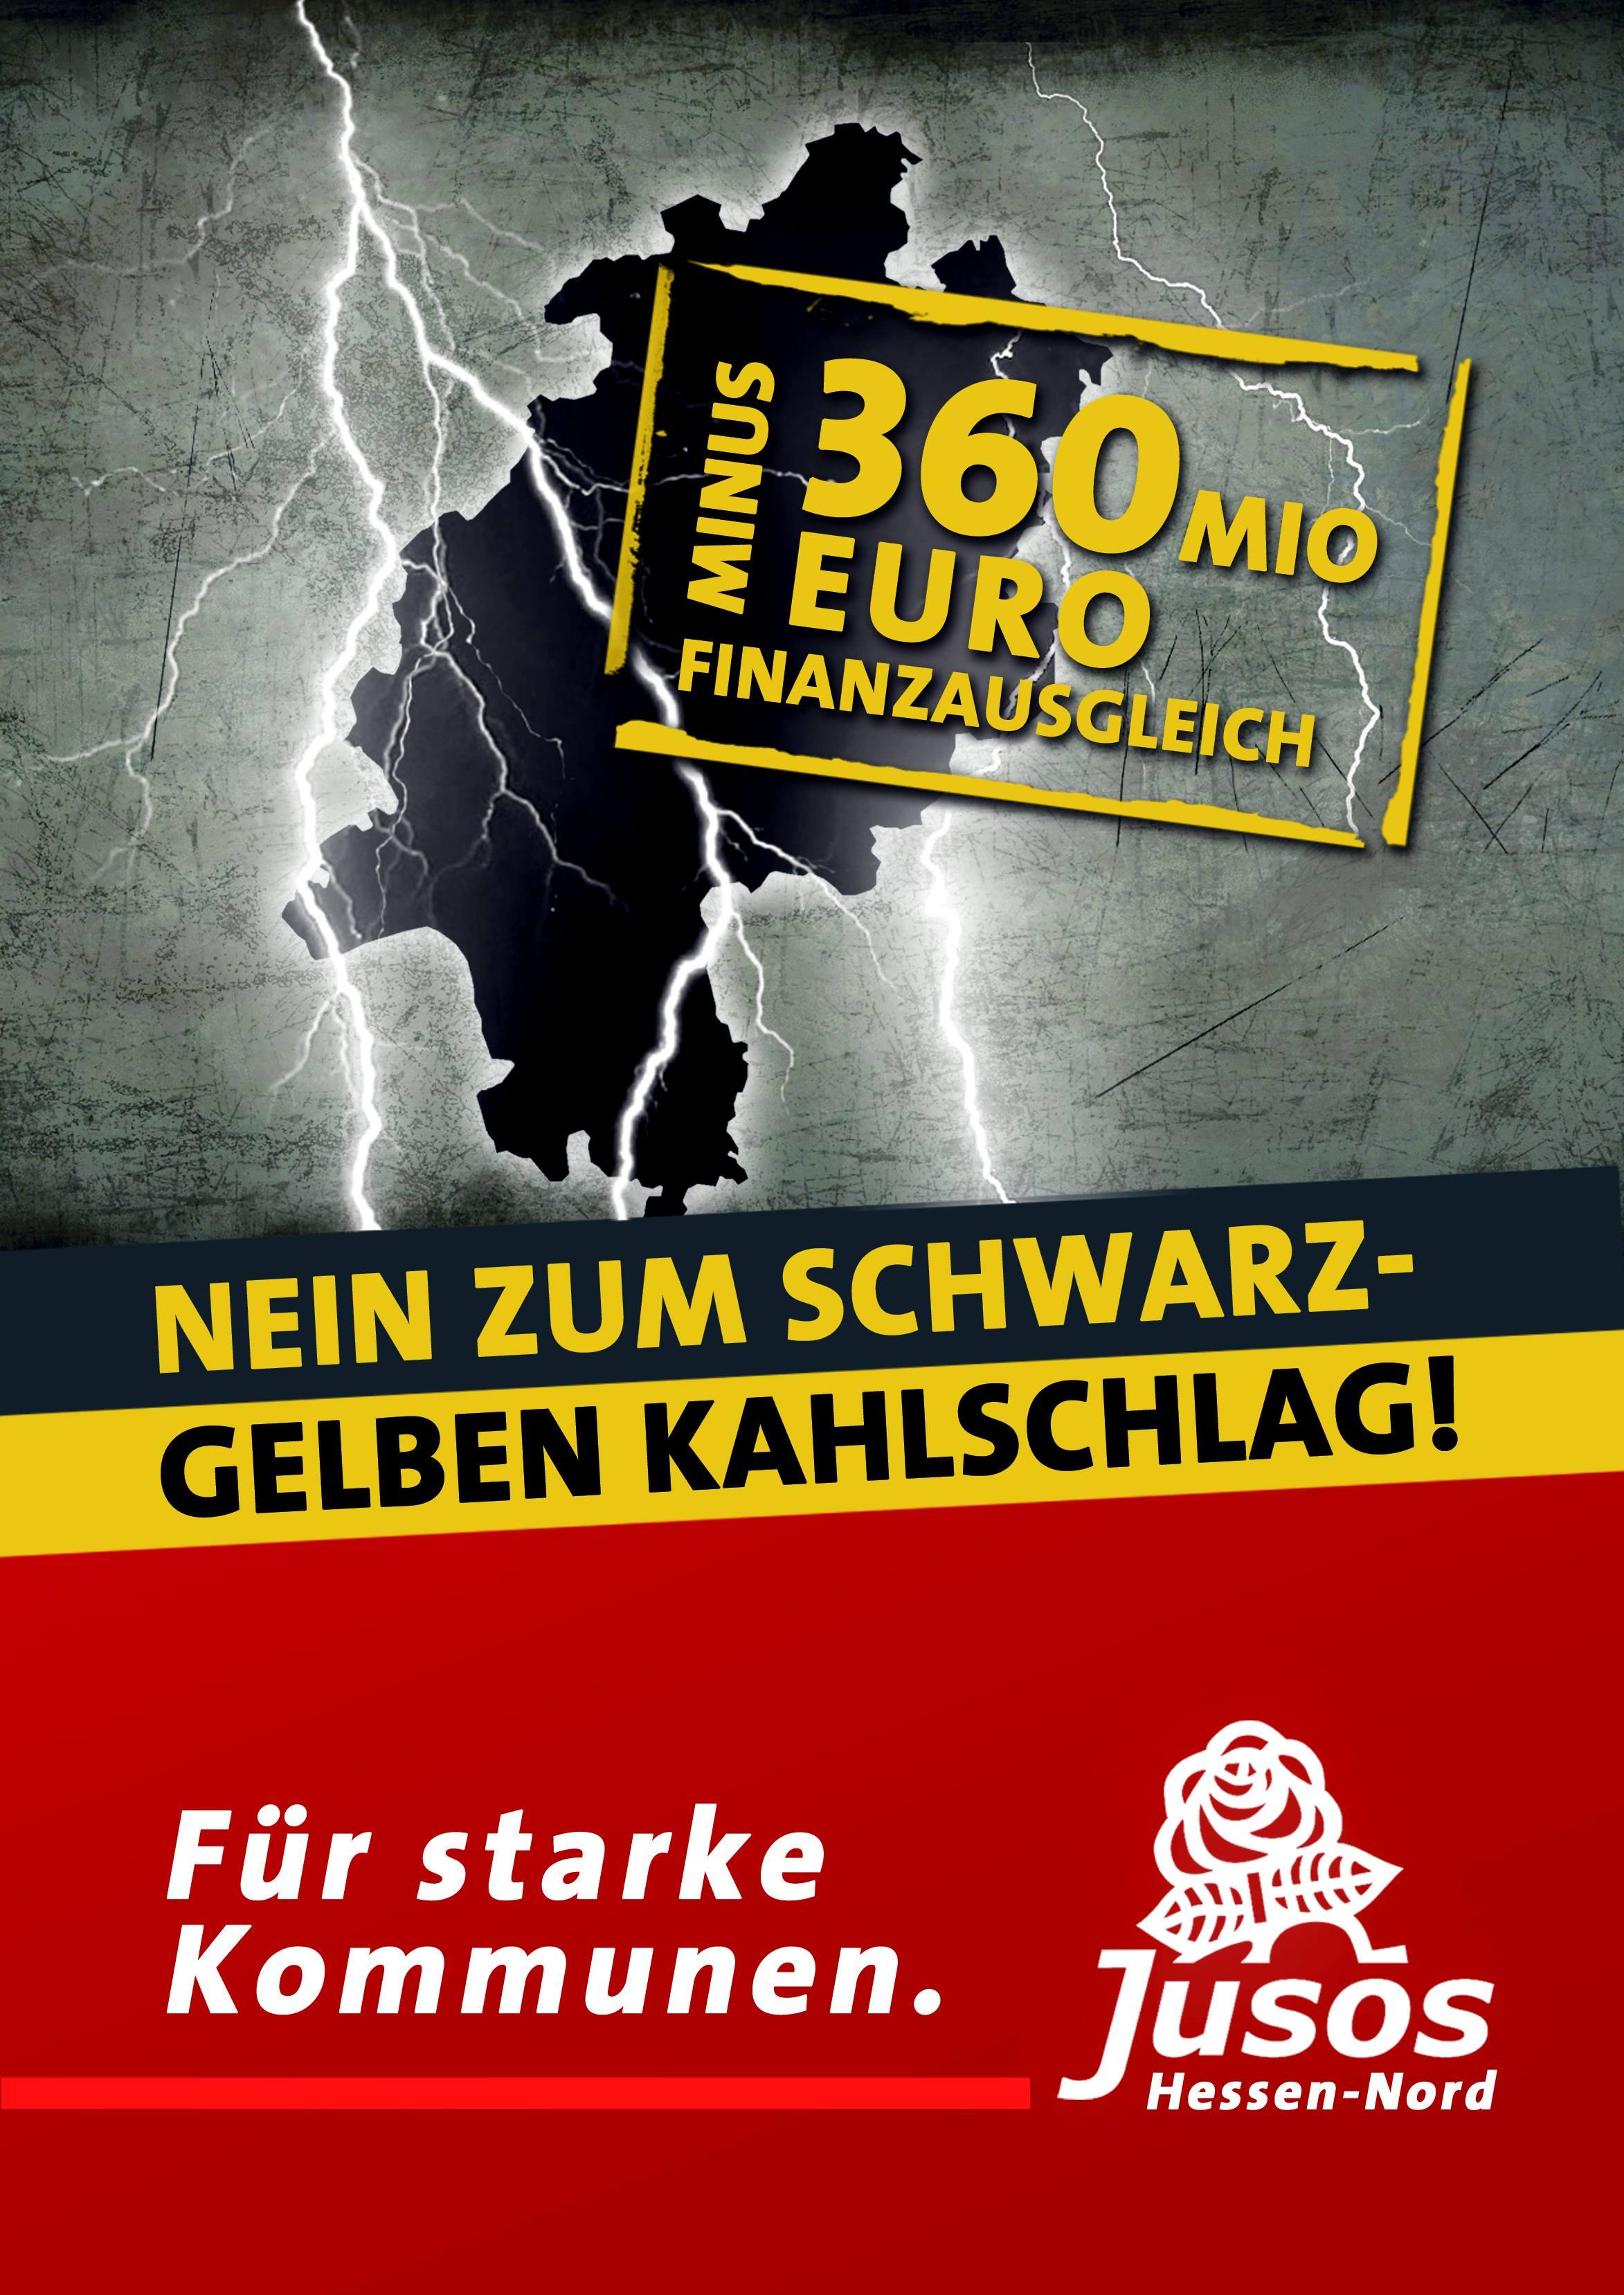 Nordhessische Jusos stellen eigene Kommunalwahlkampagne vor